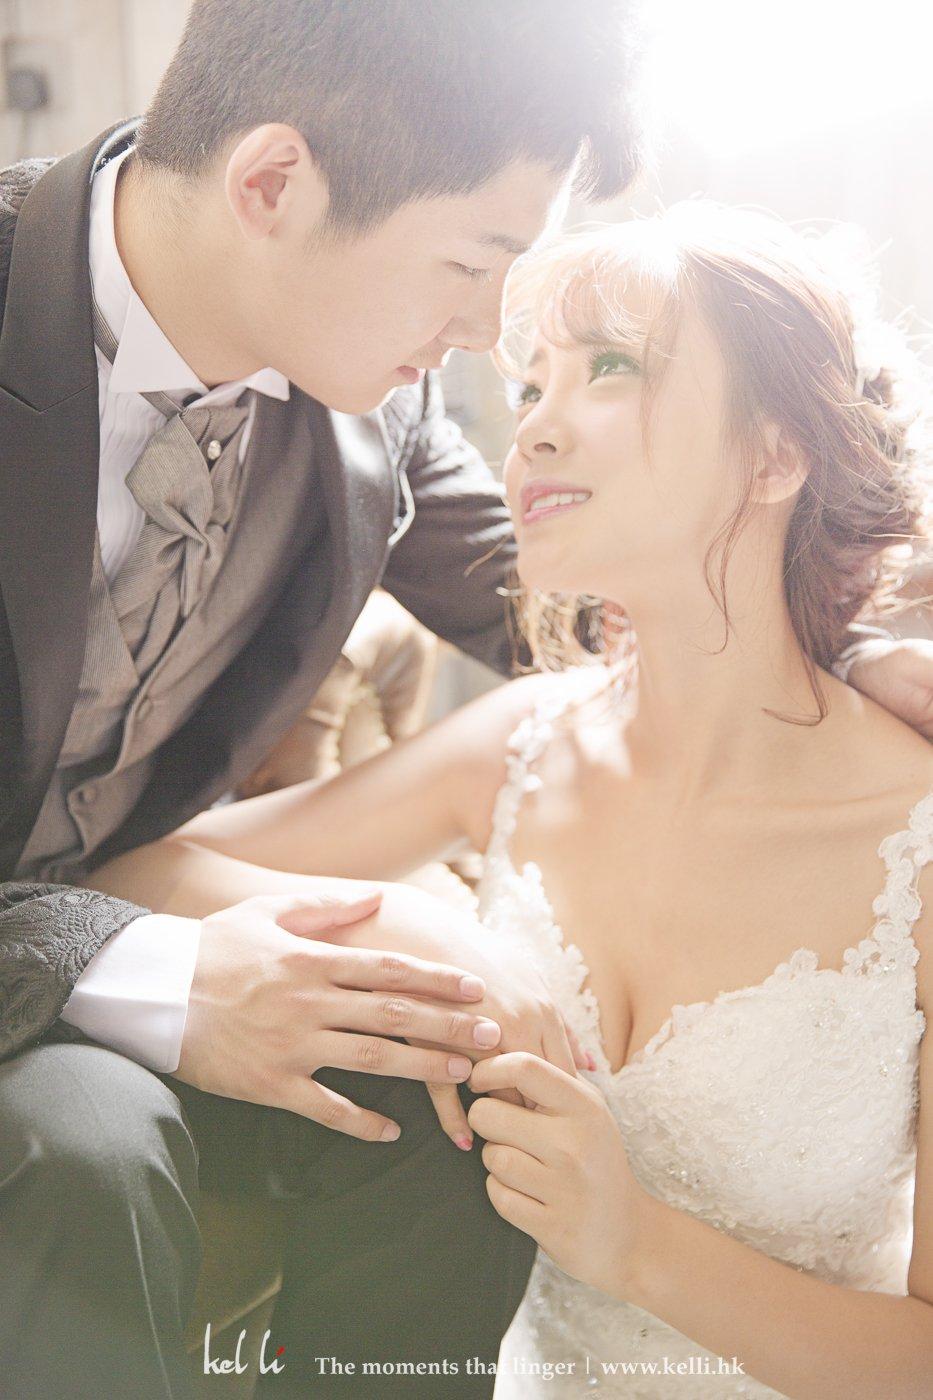 我們史上最年輕的婚紗攝影客戶